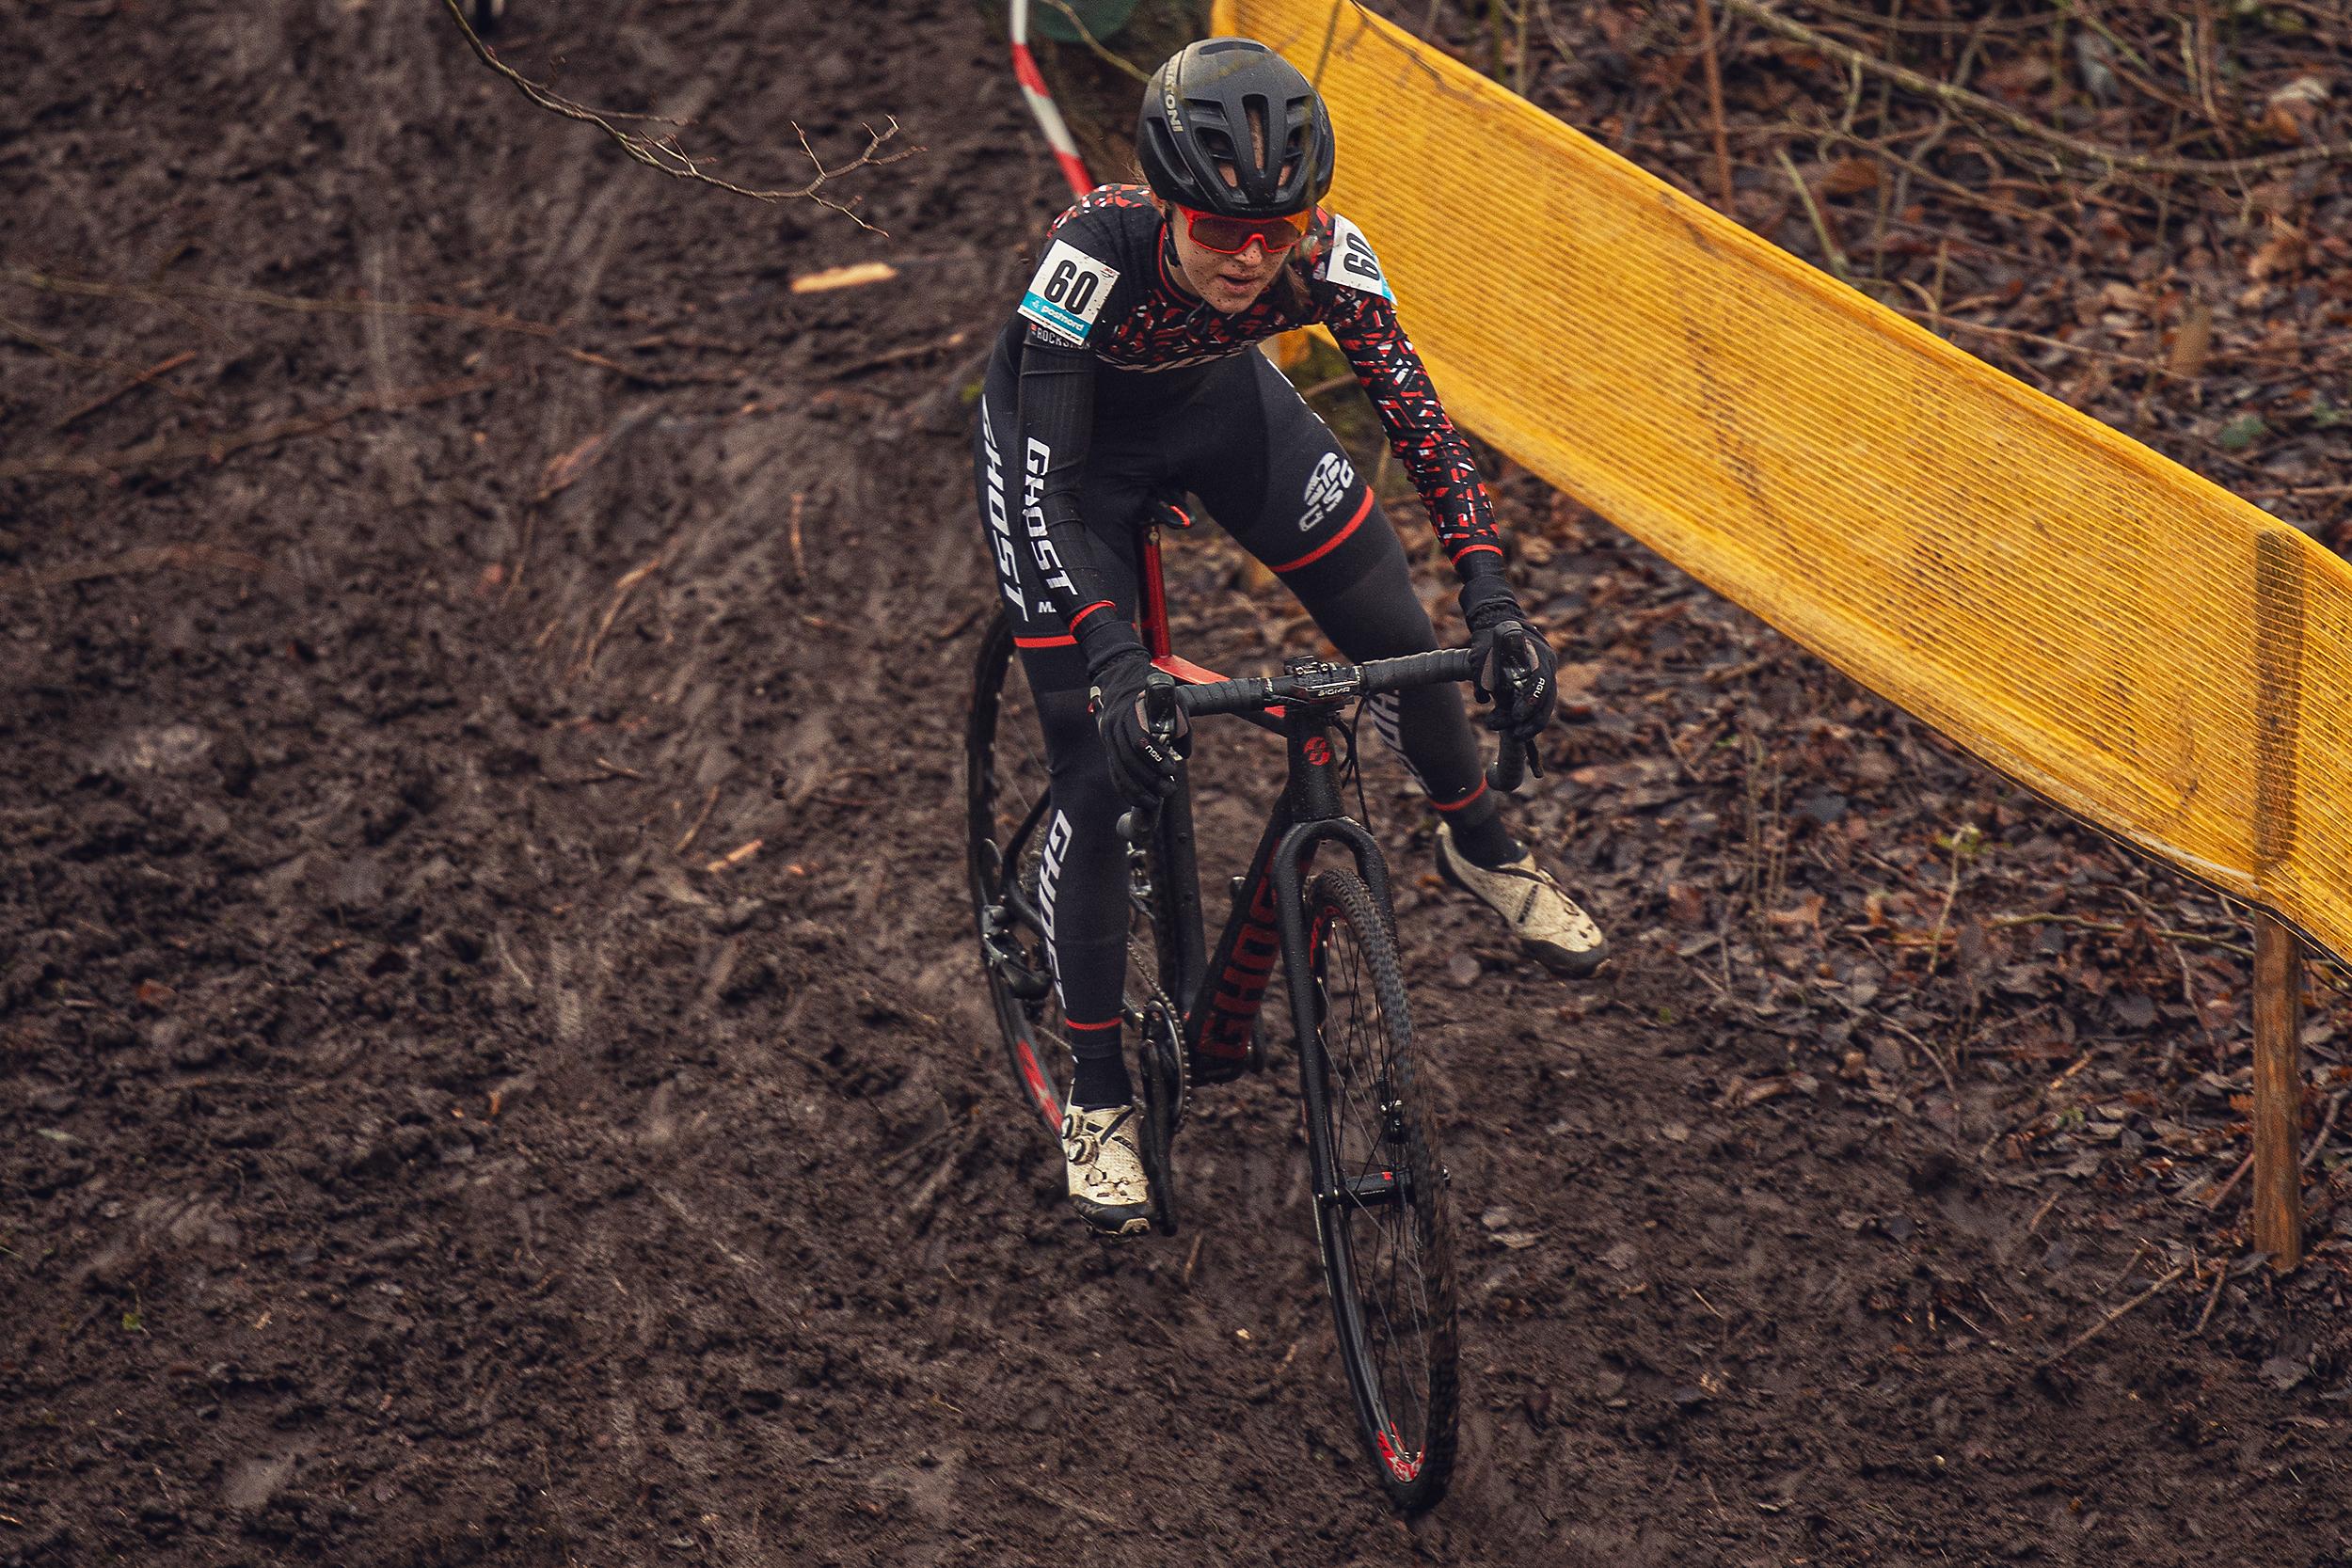 005 DM Cykelcross 2021 Aarhus